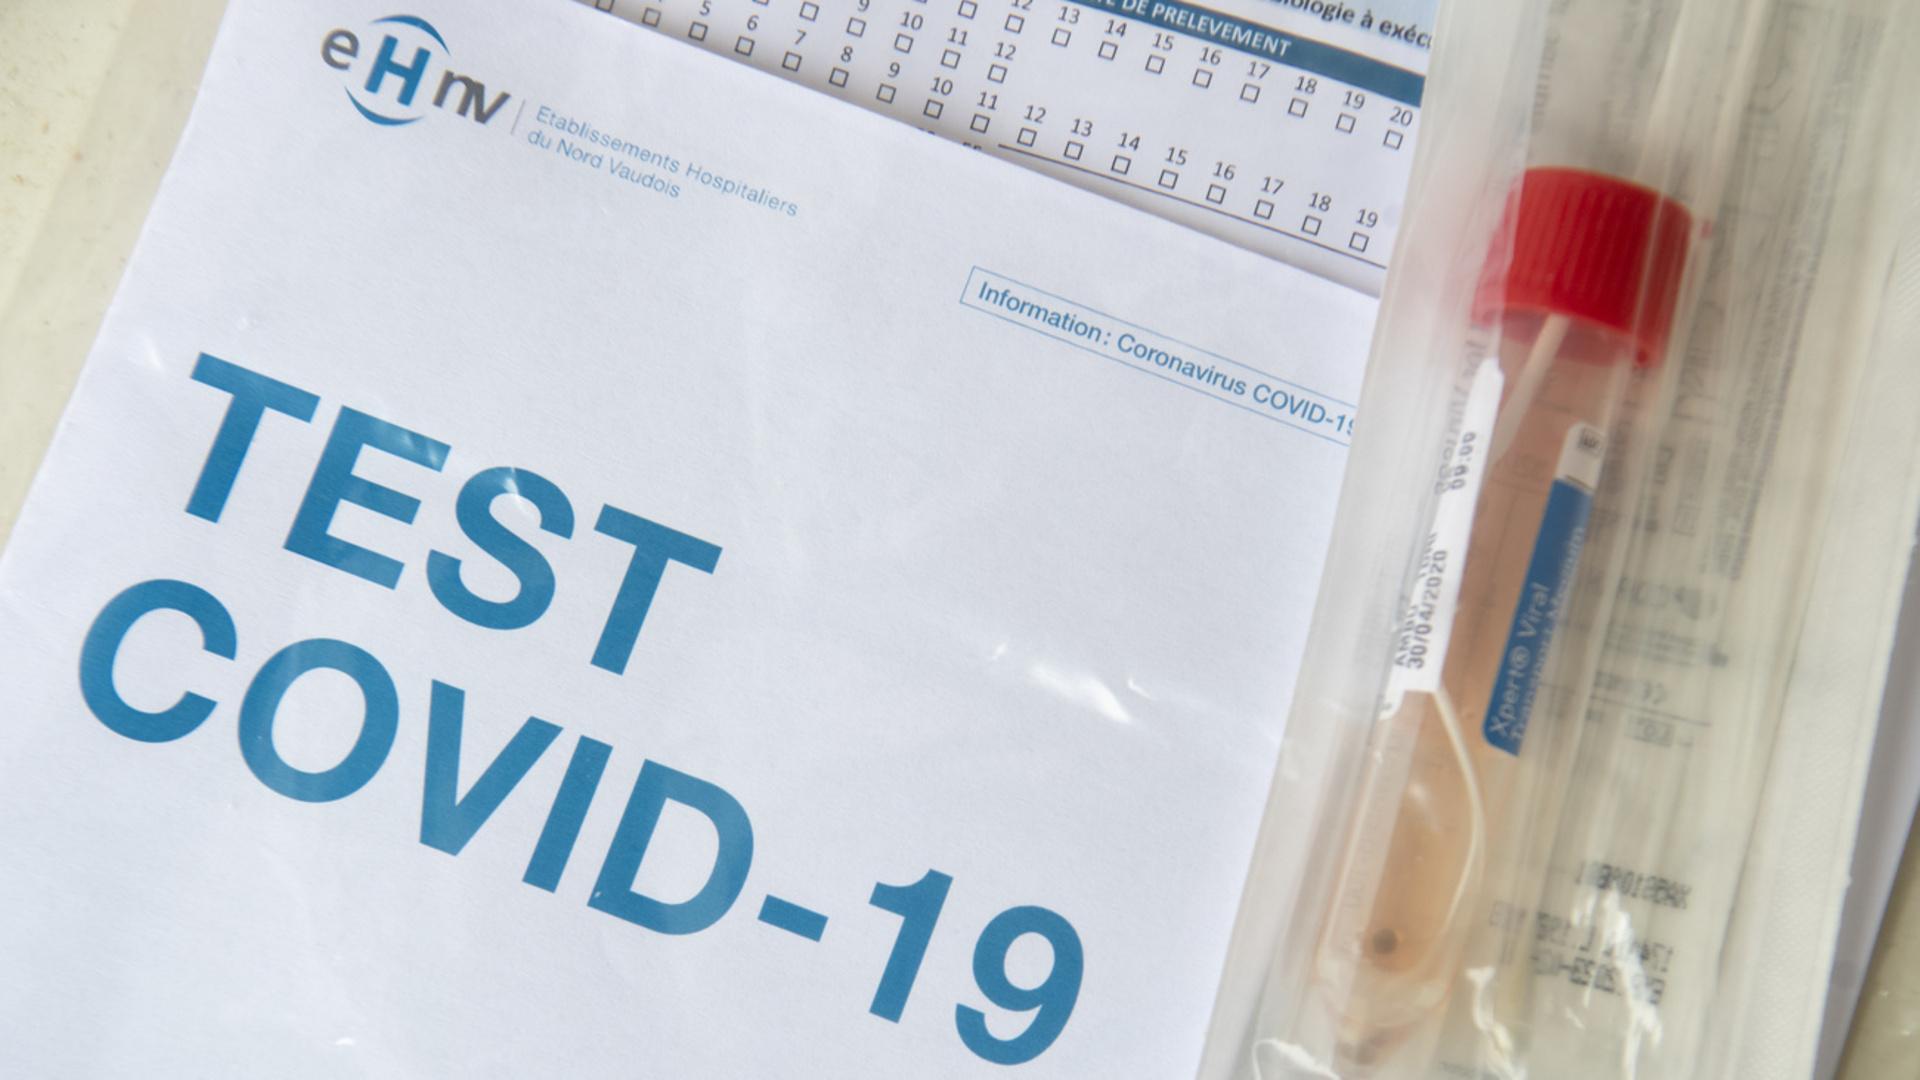 Anelli (Fnomceo): Covid-19 si combatte con la prudenza